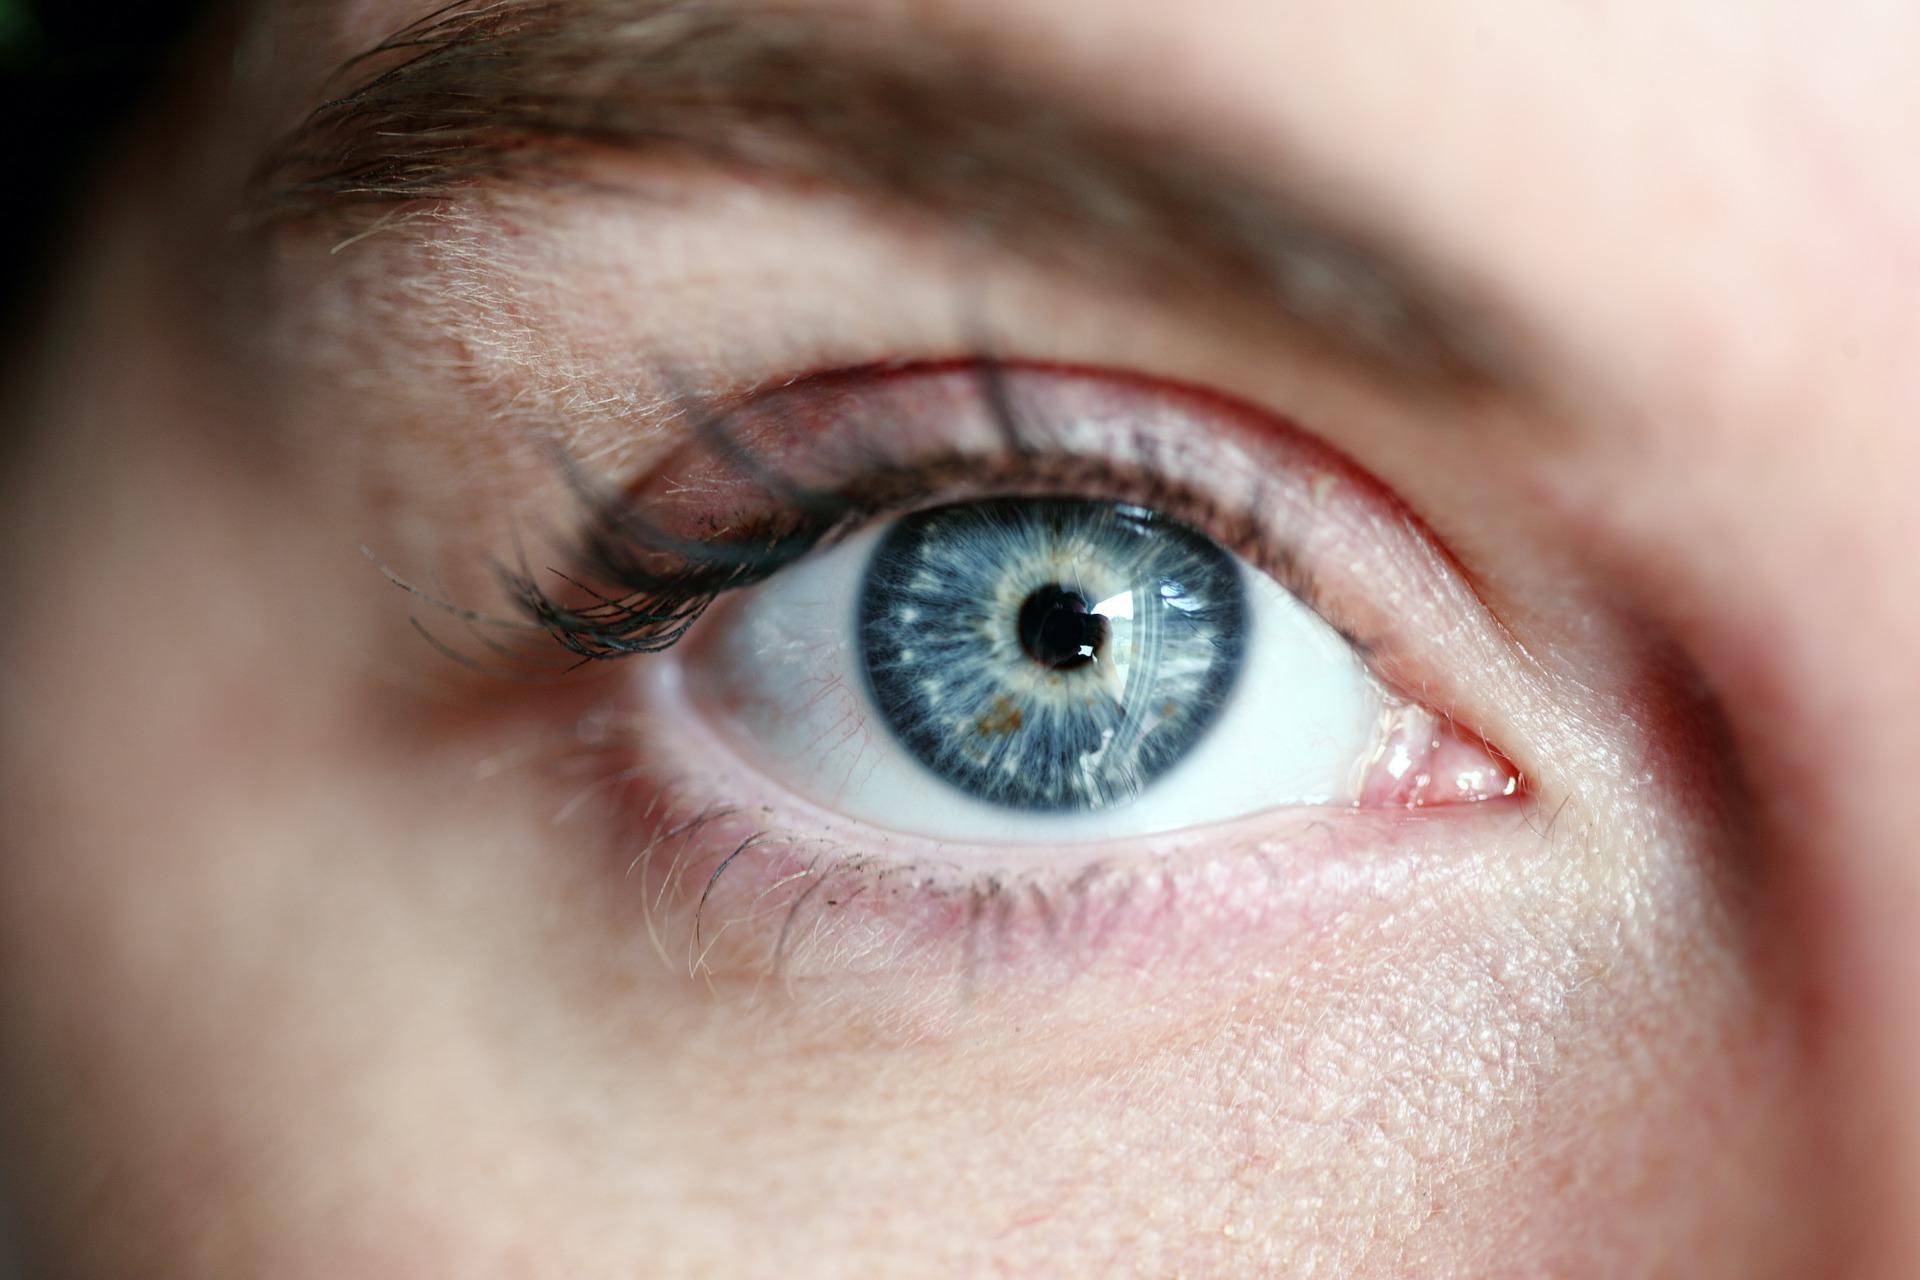 eye-3805227_1920.jpg